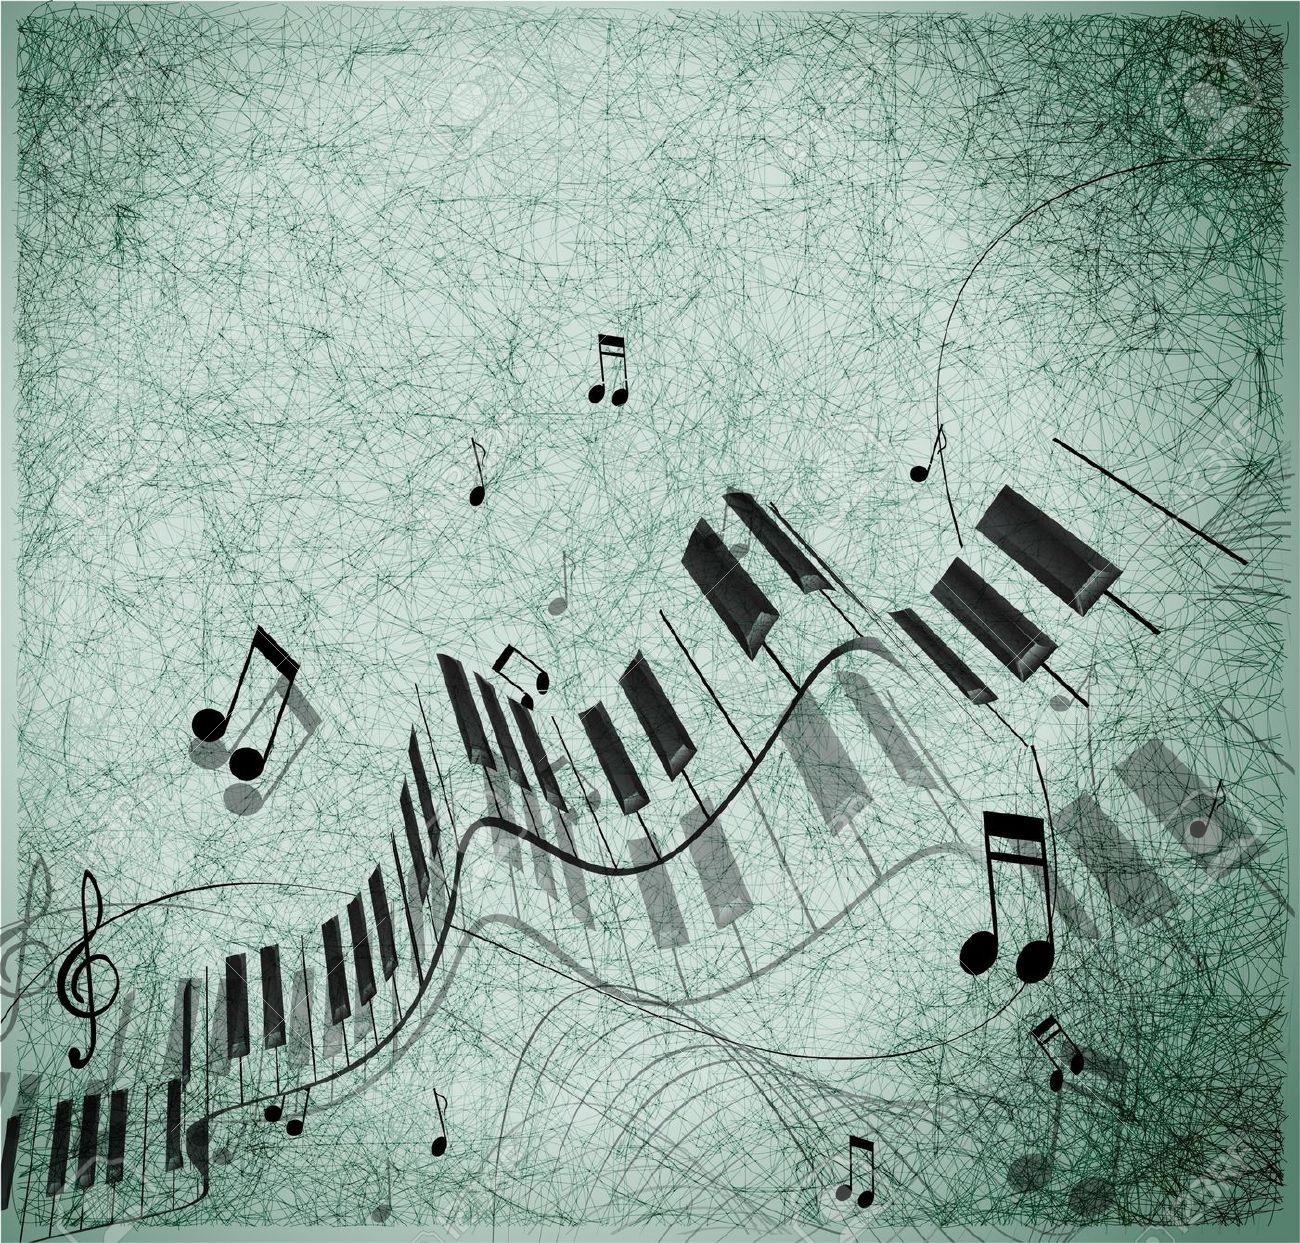 Musica de fondo